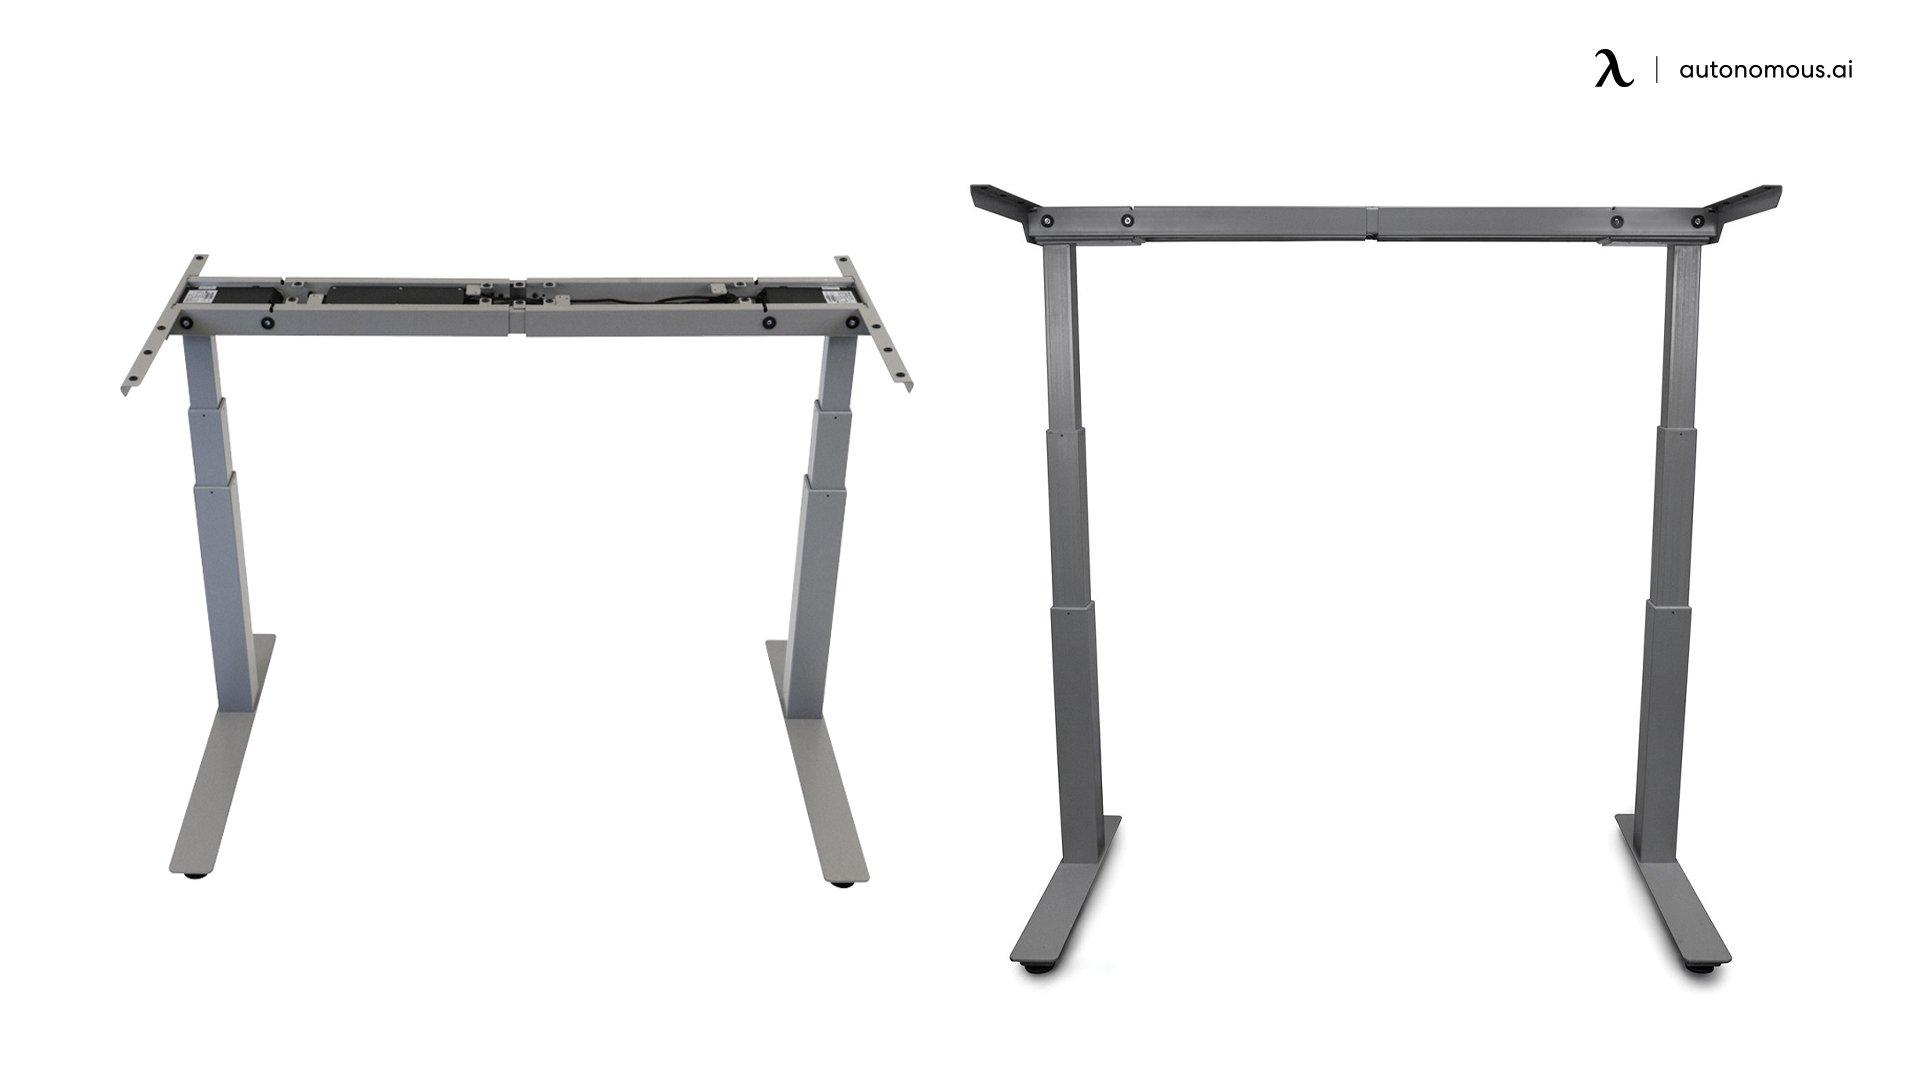 iMovR Vigor Heavy Duty DIY Standing Desk Base Frame Kit